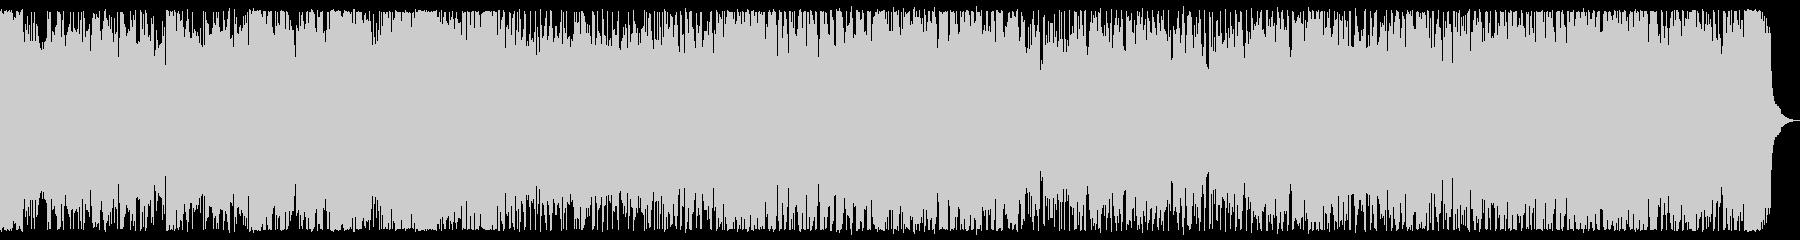 魔の領域 ホラー風なメタル戦闘曲 背景曲の未再生の波形